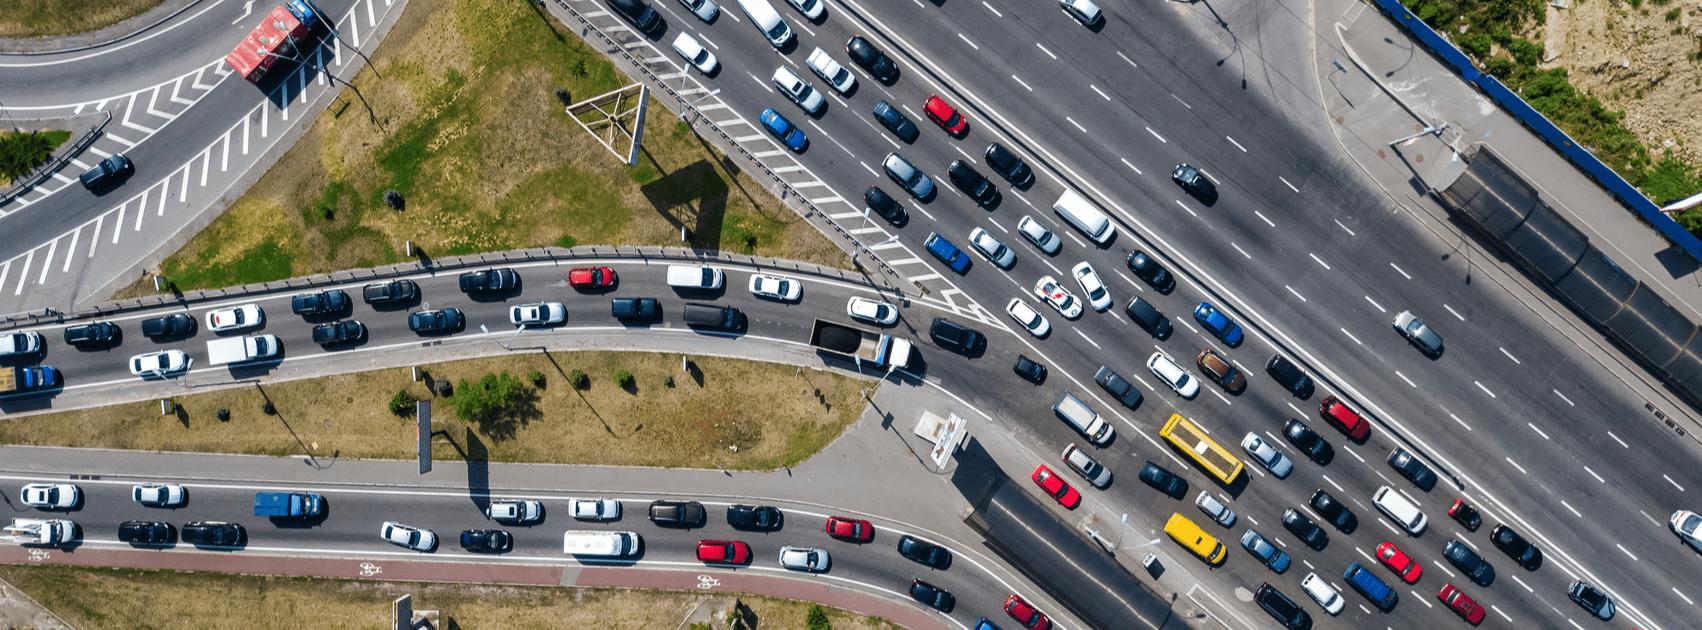 Как привлечь клиентов в такси | Kyivstar Business Hub изображение №1